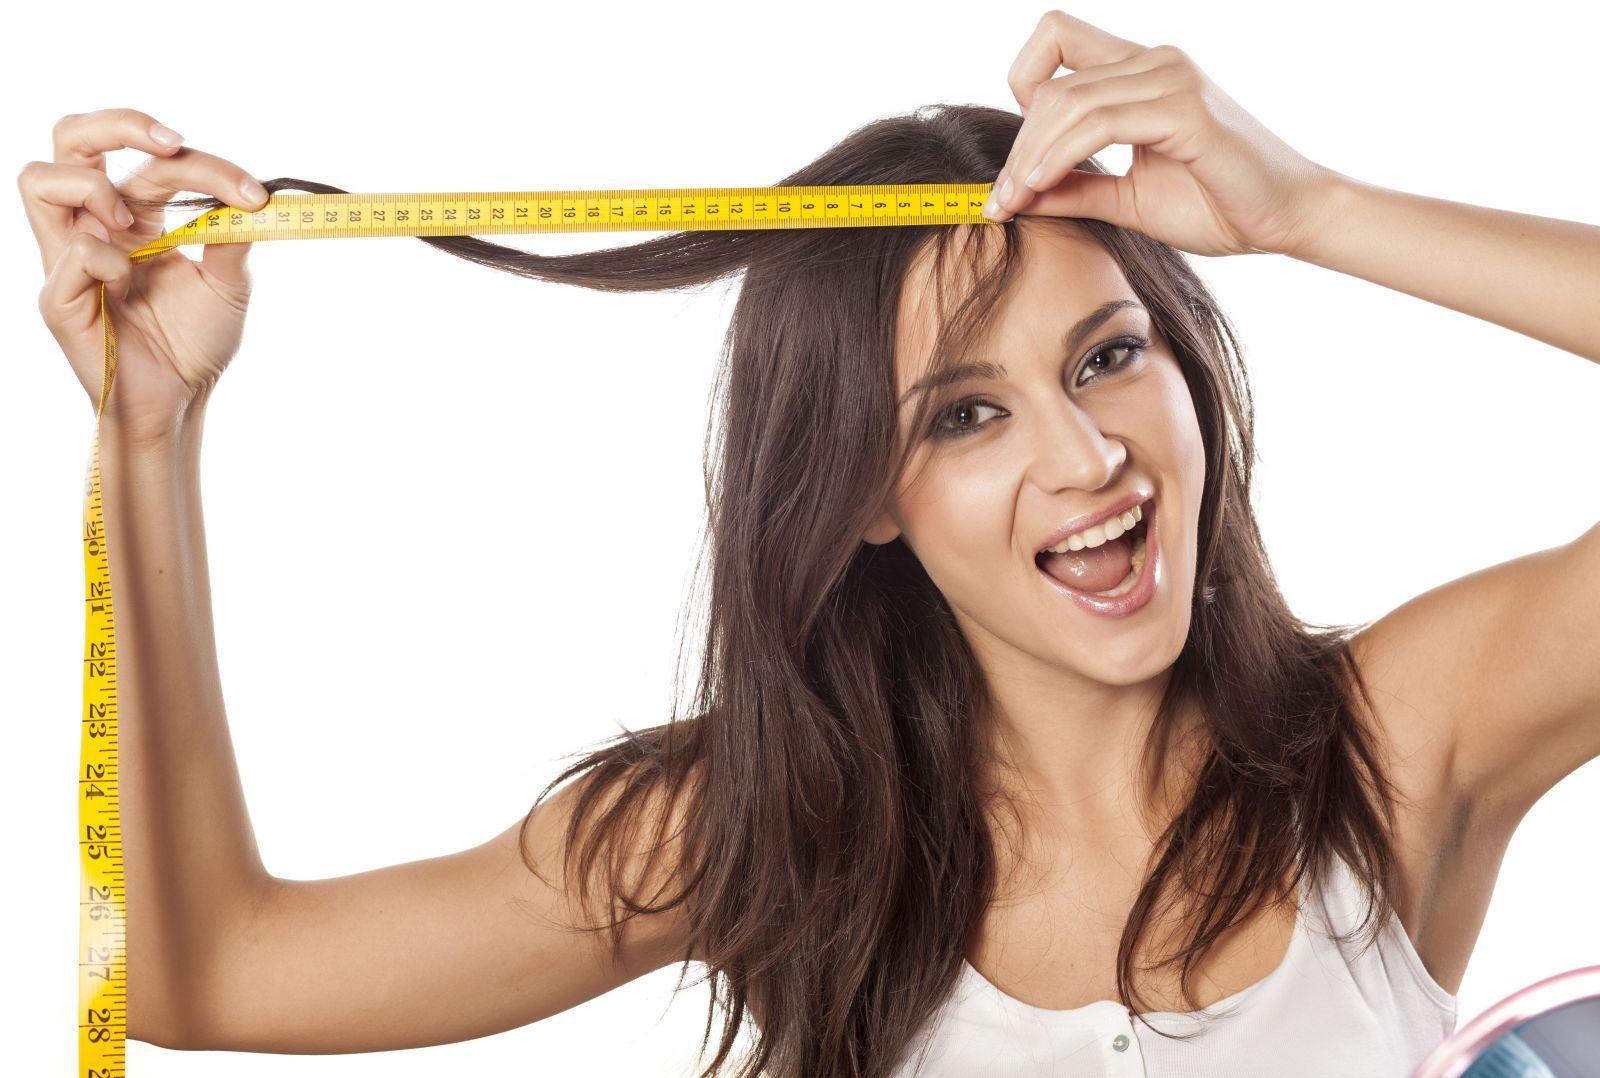 Чем мыть голову, чтобы волосы росли быстрее? Народные средства для укрепления волос